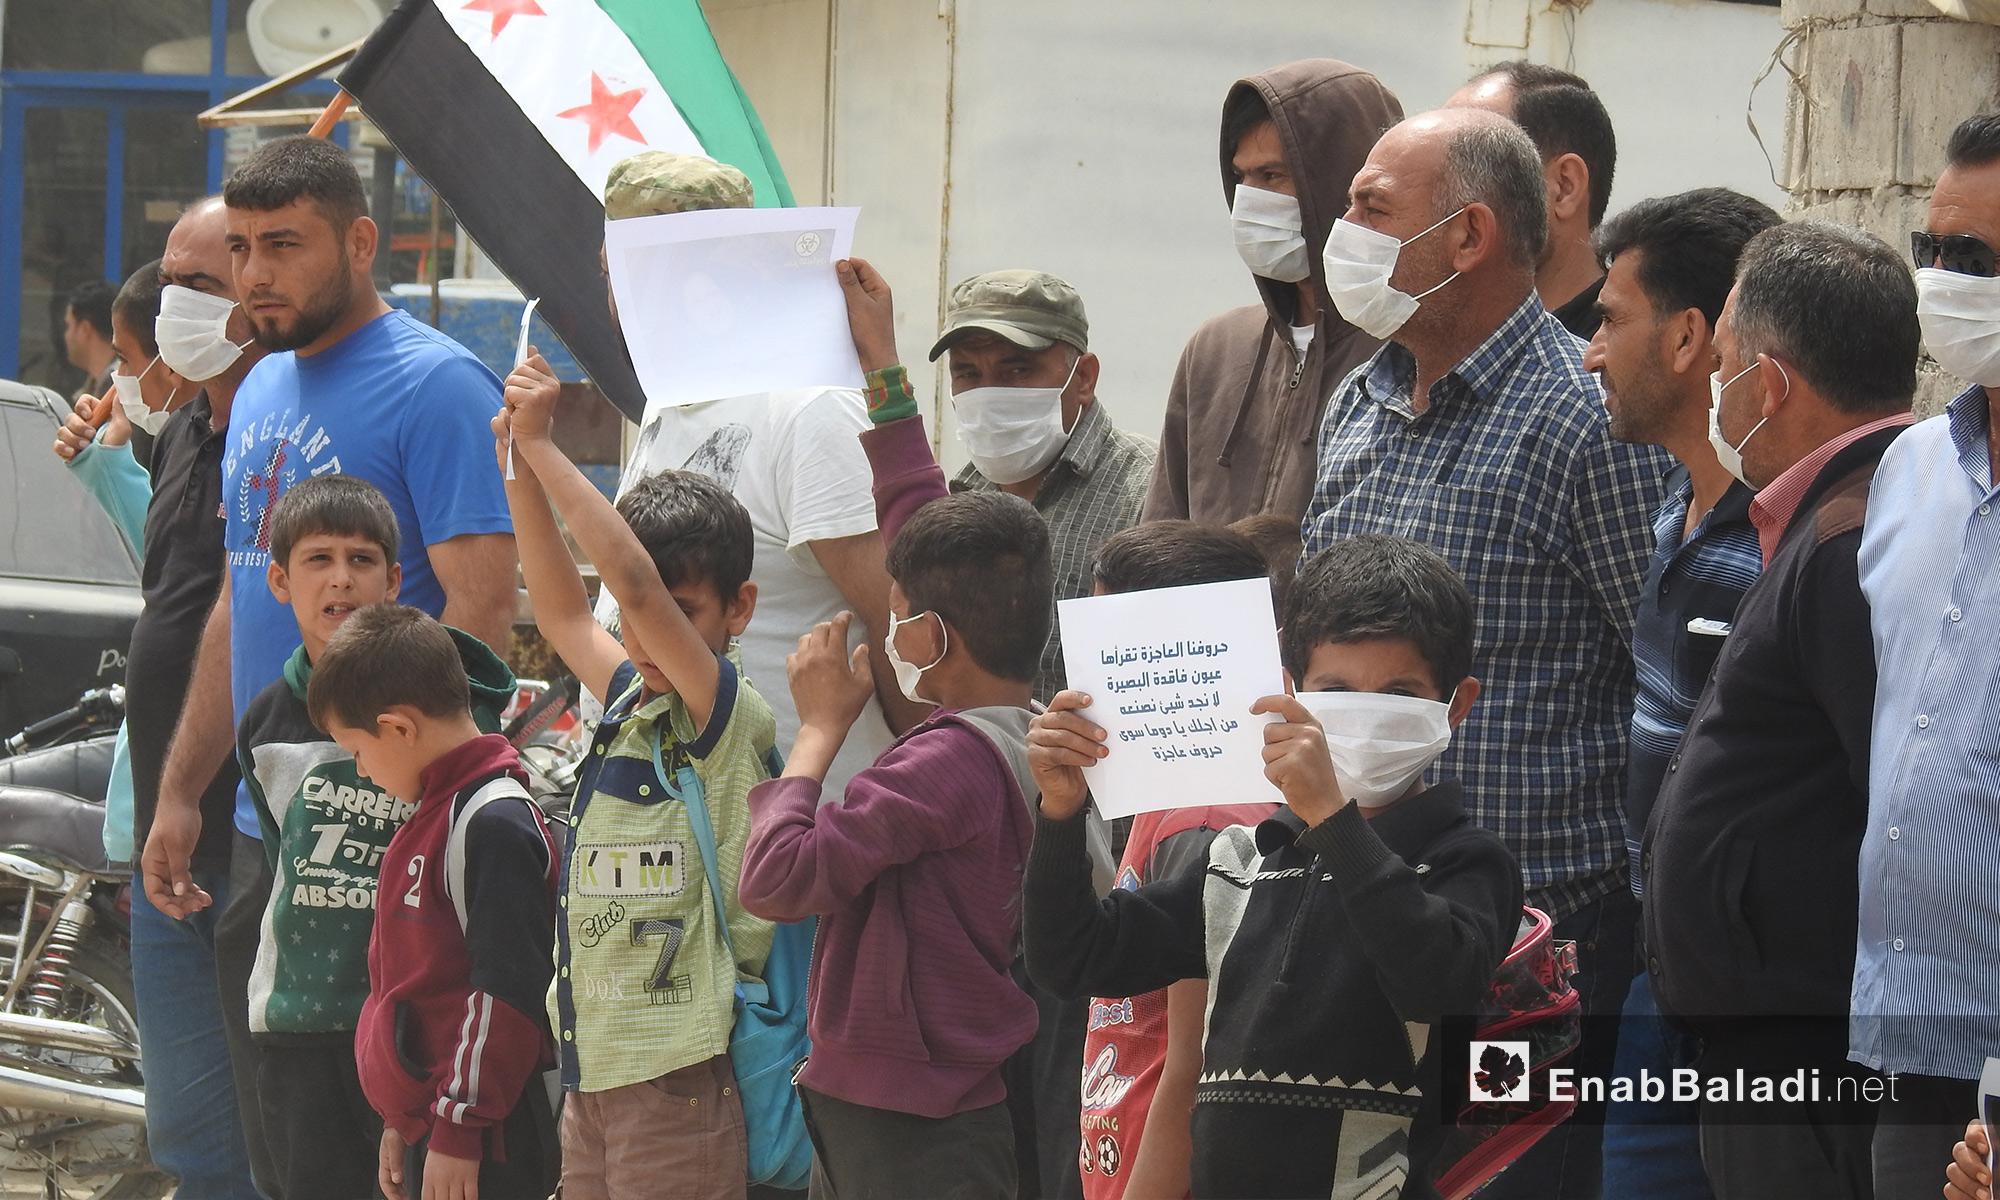 أهالي دابق شمالي حلب يتضامنون مع مدينة دوما في الغوطة الشرقية - 8 من نيسان 2018 (عنب بلدي)